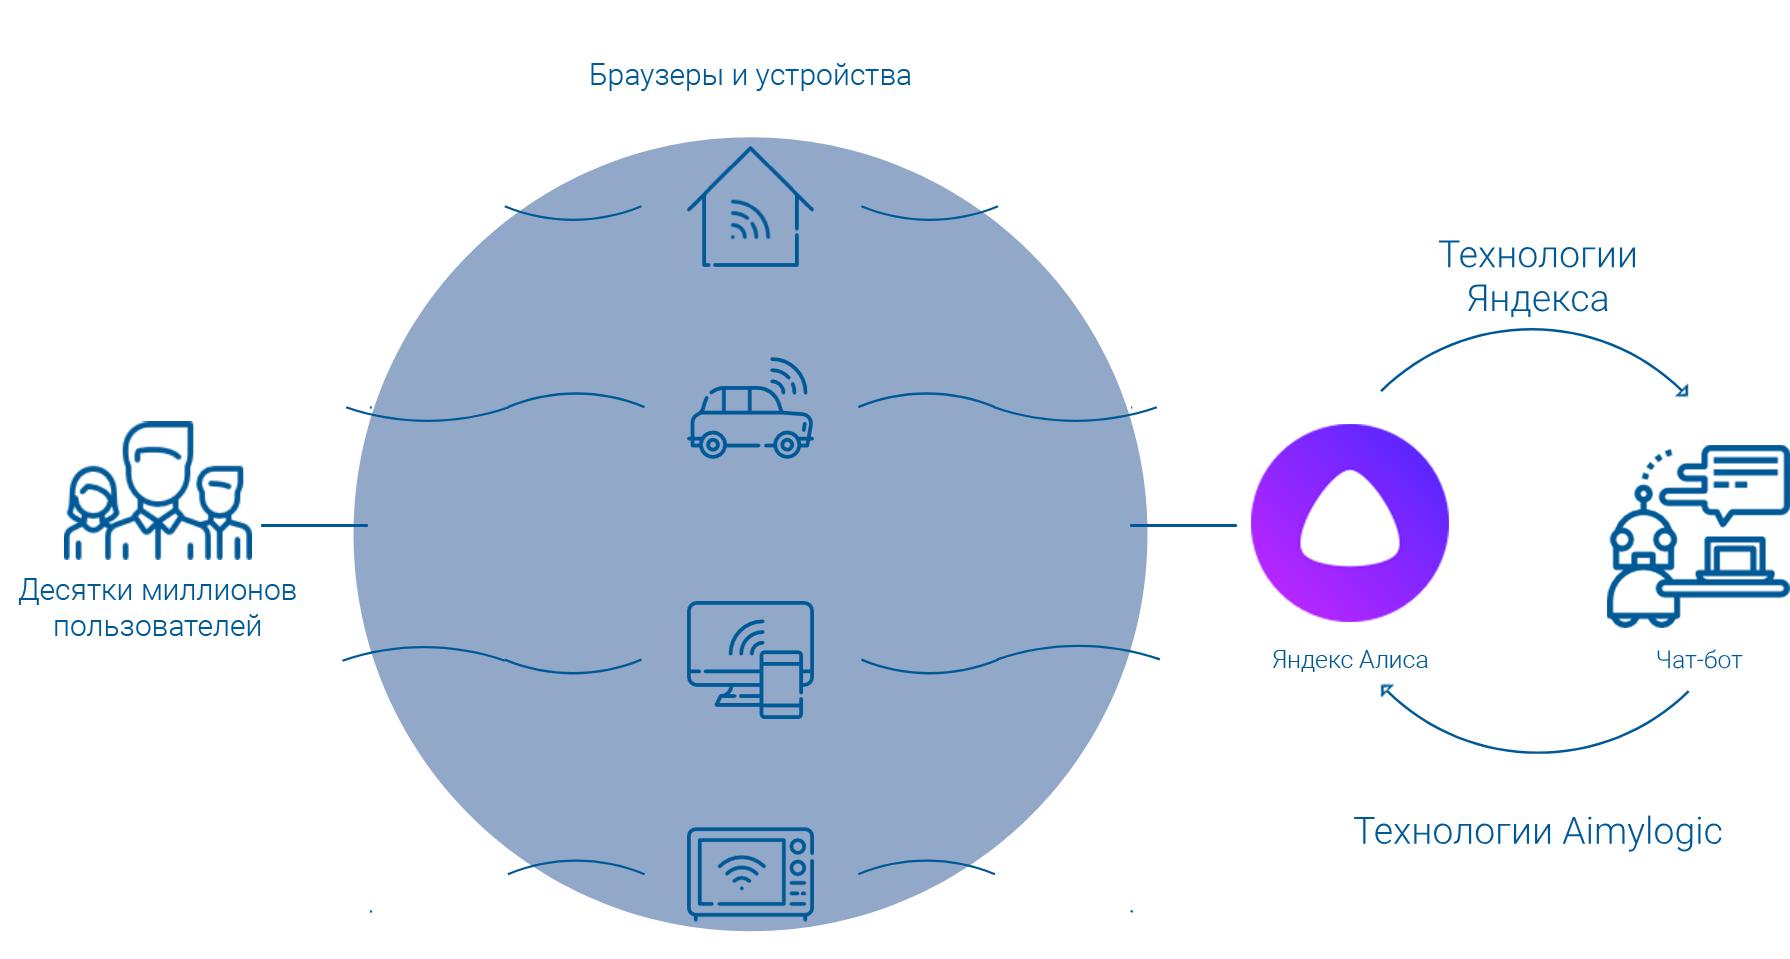 Как создать своего бота без навыков программирования и подключить его к Яндекс.Алисе - 1